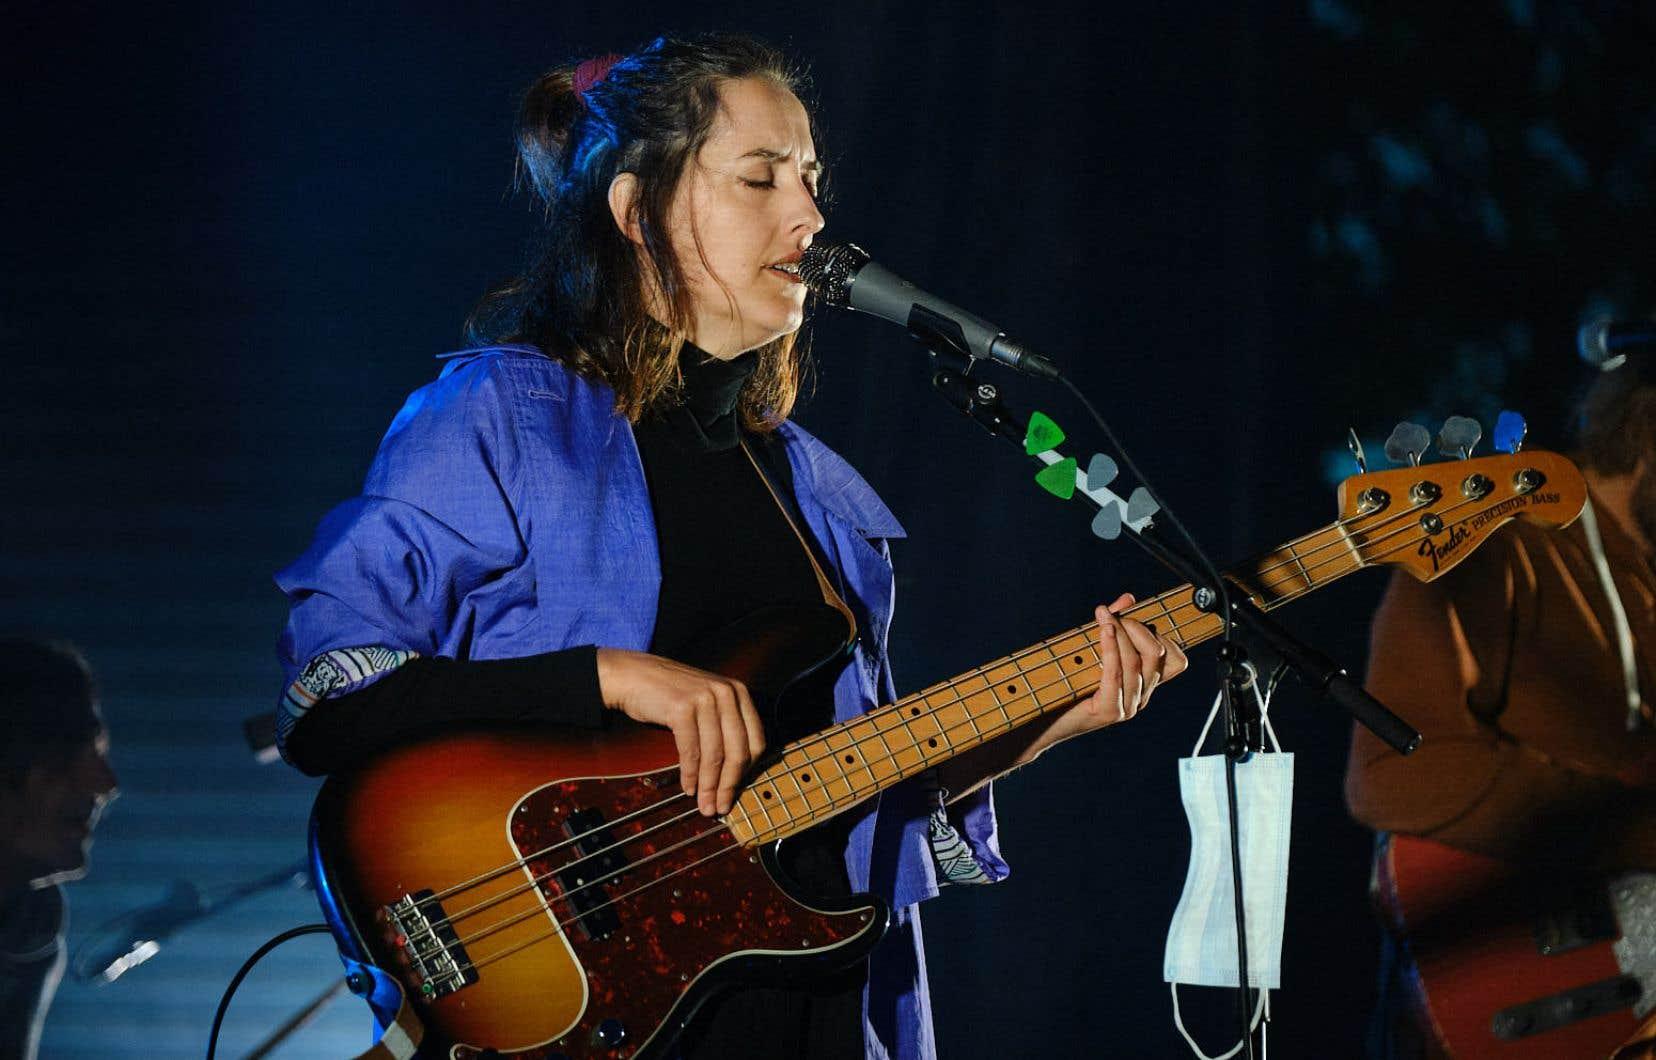 Marie-Pierre Arthur, qui a lancé en janvier 2020 un album ayant mis du temps à exister sur scène, portait fièrement ses nouveaux habits new wave, disco façon Giorgio Moroder et synth pop.